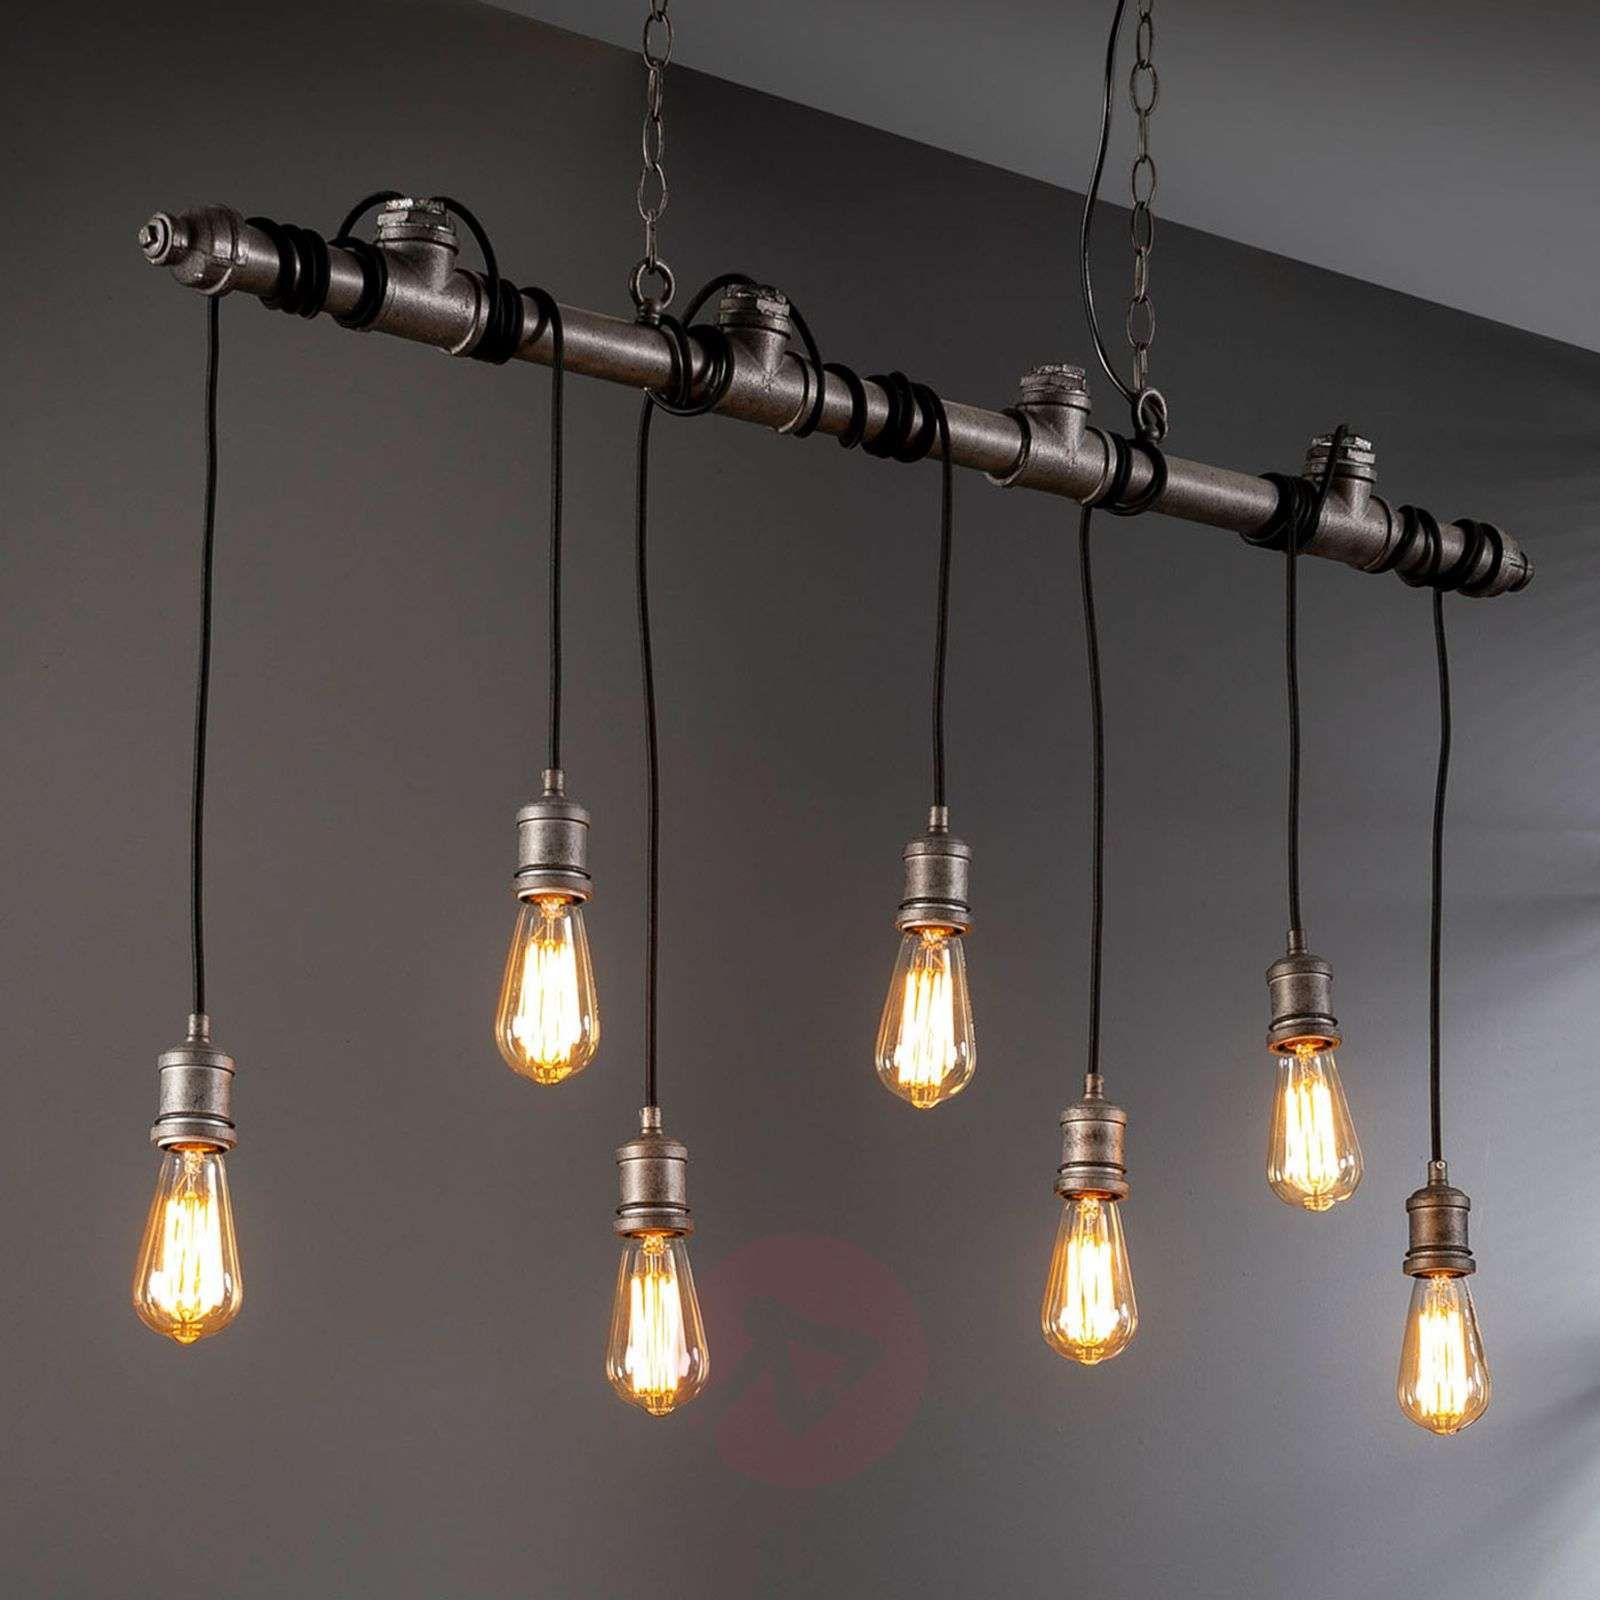 Lampa wisząca Plumblight, 7 punktowa | Lampy, Lampy wiszące